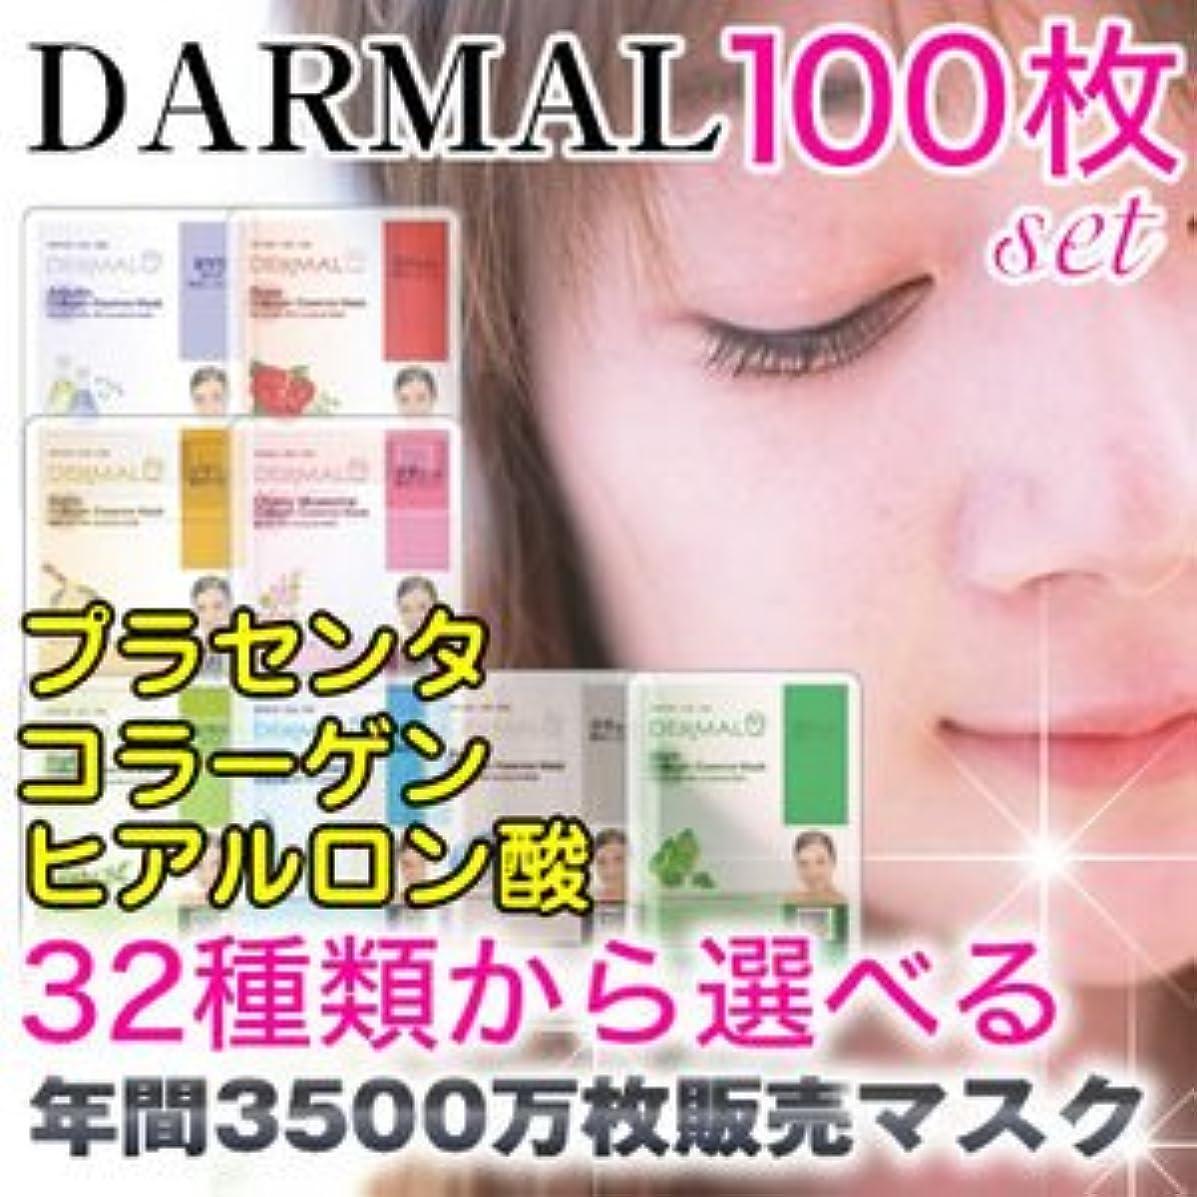 エゴマニア改革理解※全32種類から選べる100枚セット!ダーマル DERMALエッセンスマスク